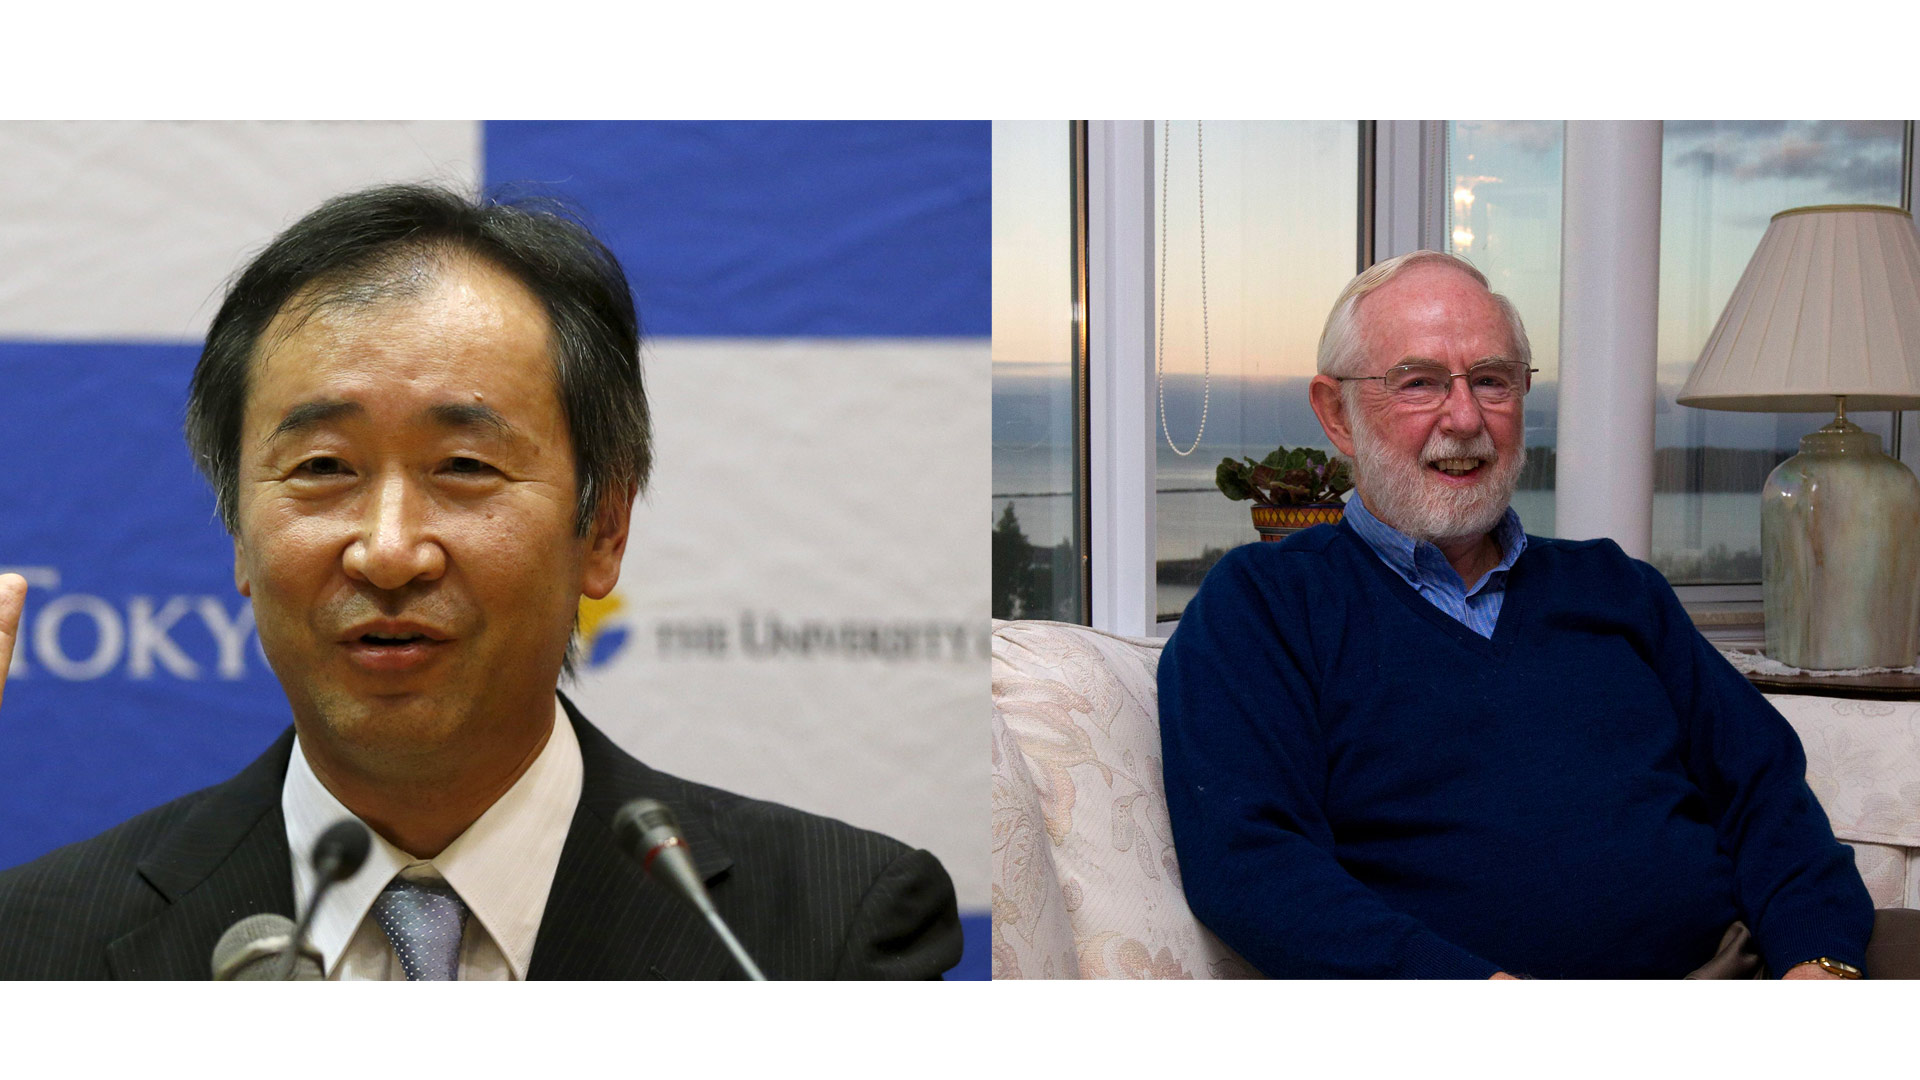 Takaaki Kajita y Arthur B. McDonald descubrieron la masa de los neutrinos, partículas que darían pistas sobre la evolución del universo